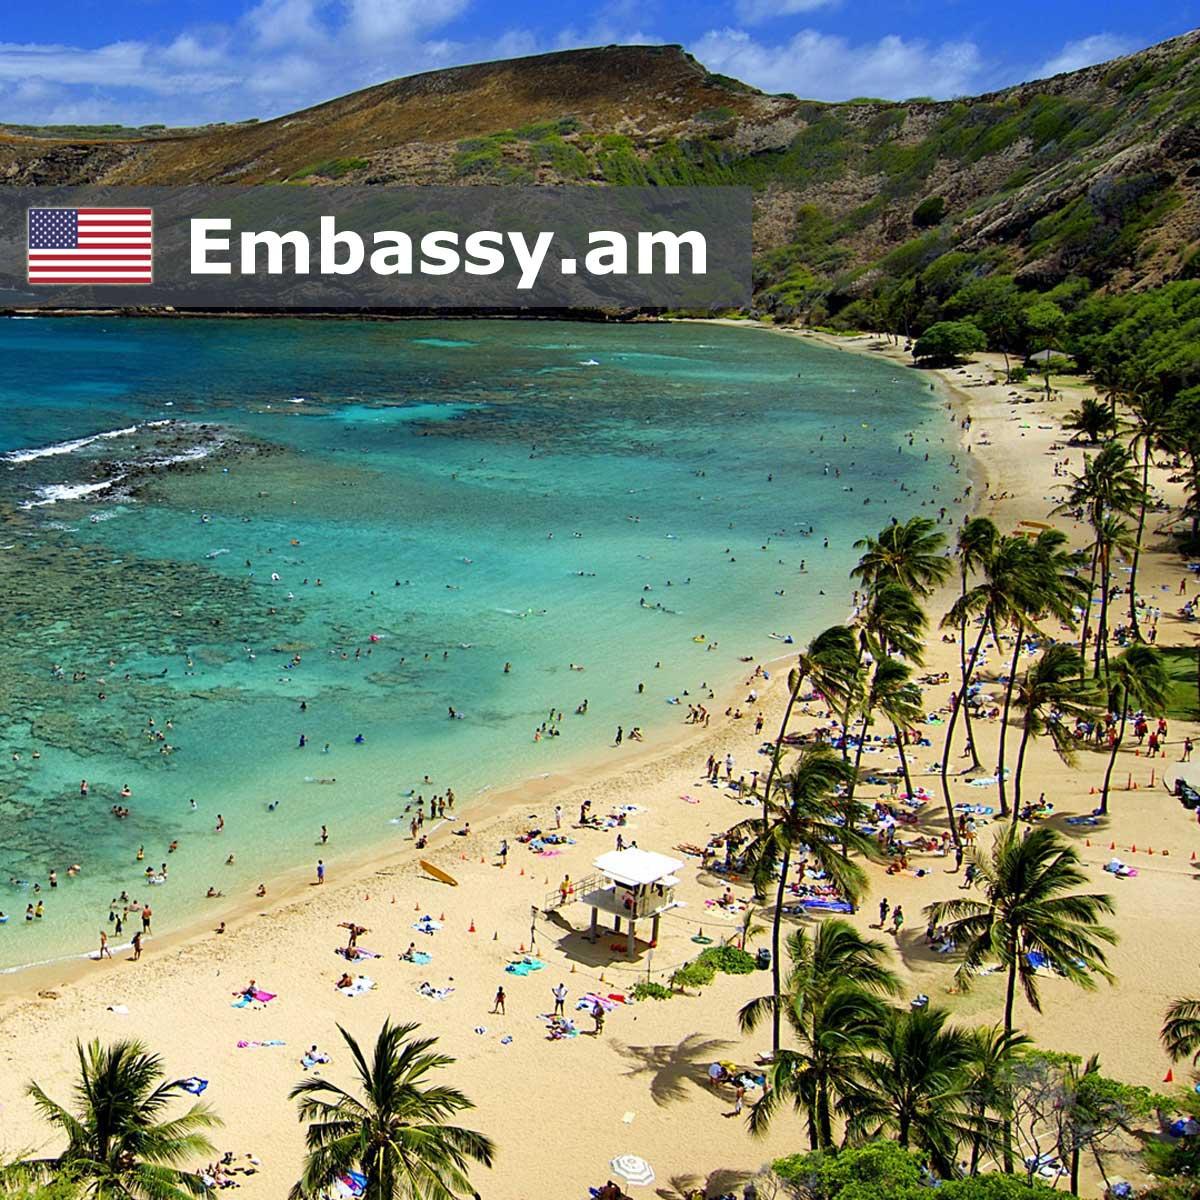 Гавайи - Отели в США - Embassy.am